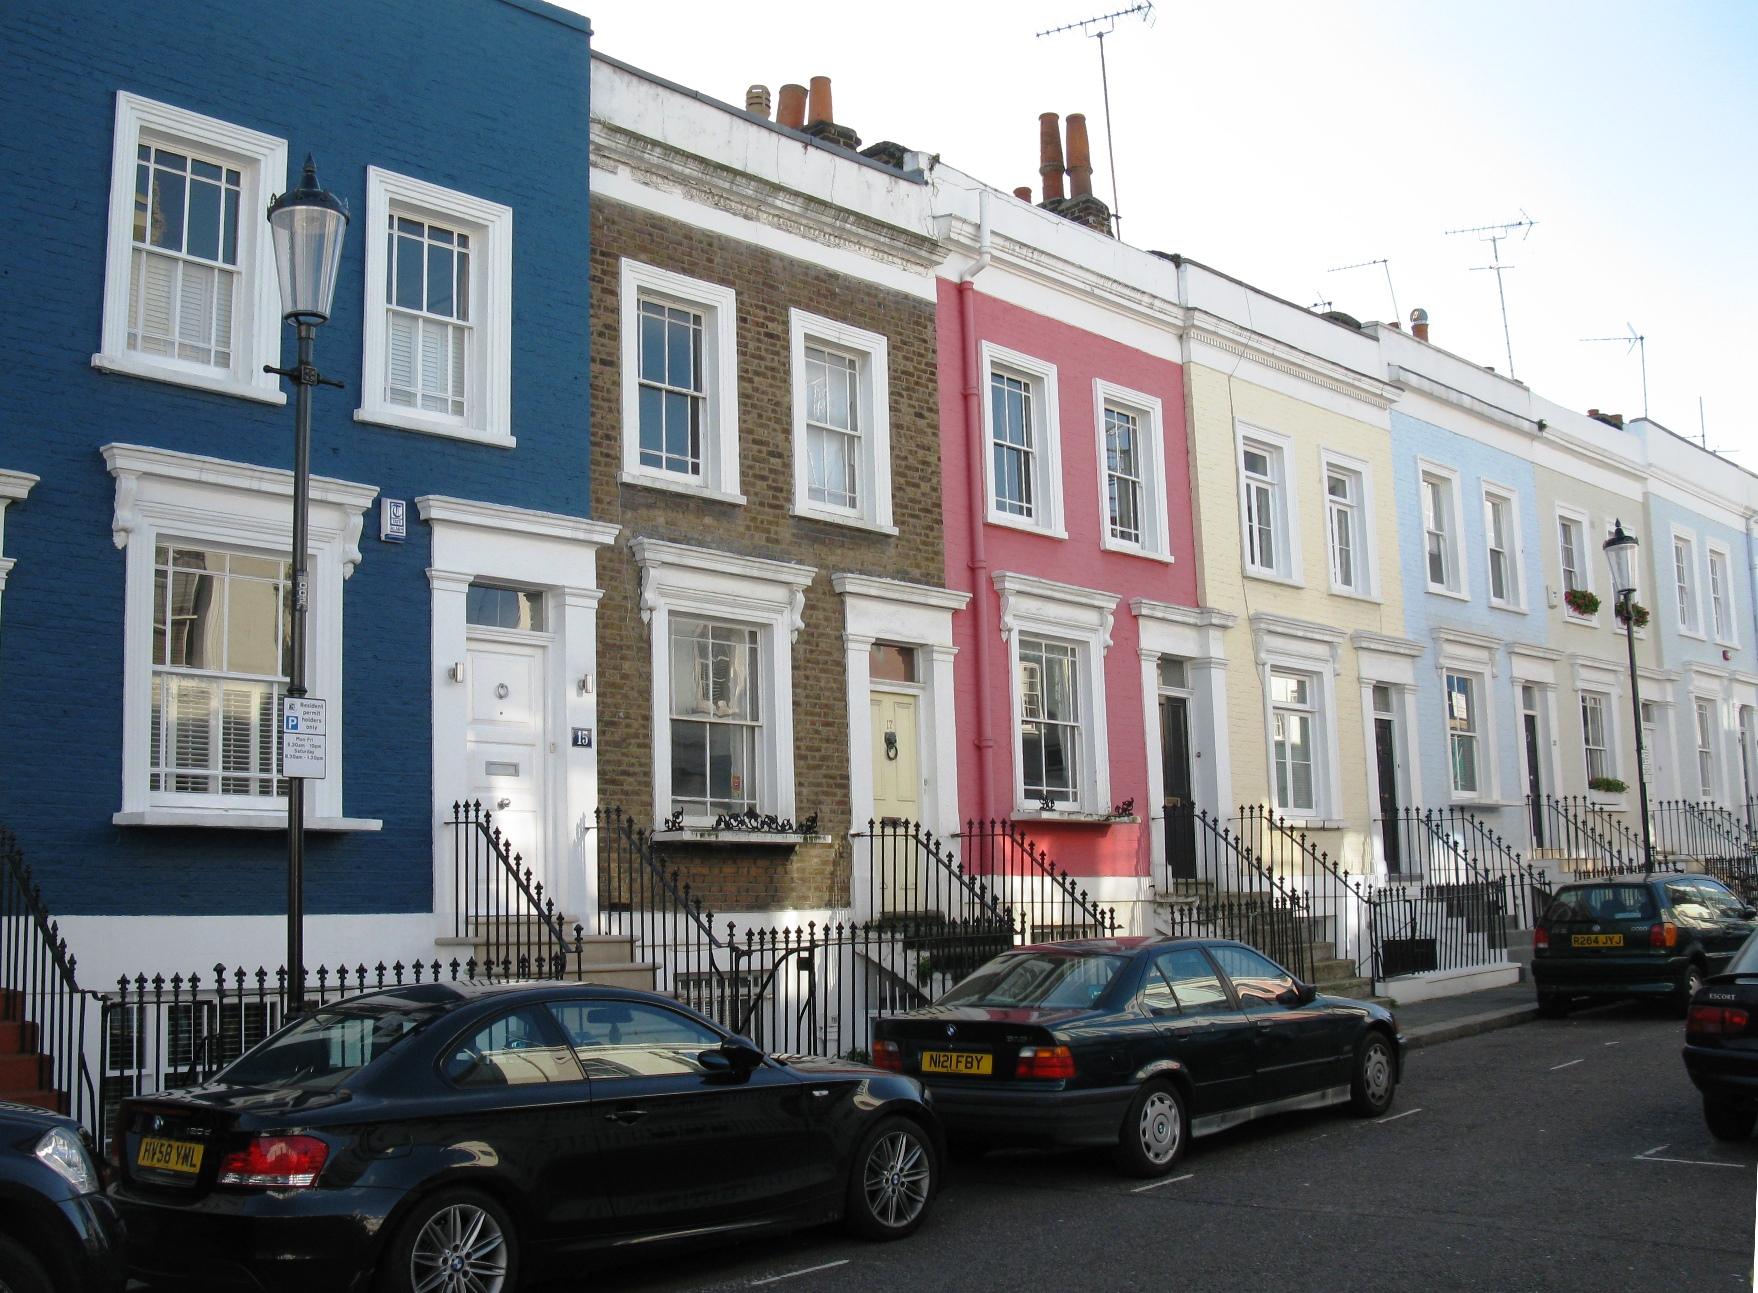 dom a ubytovanie po anglicky